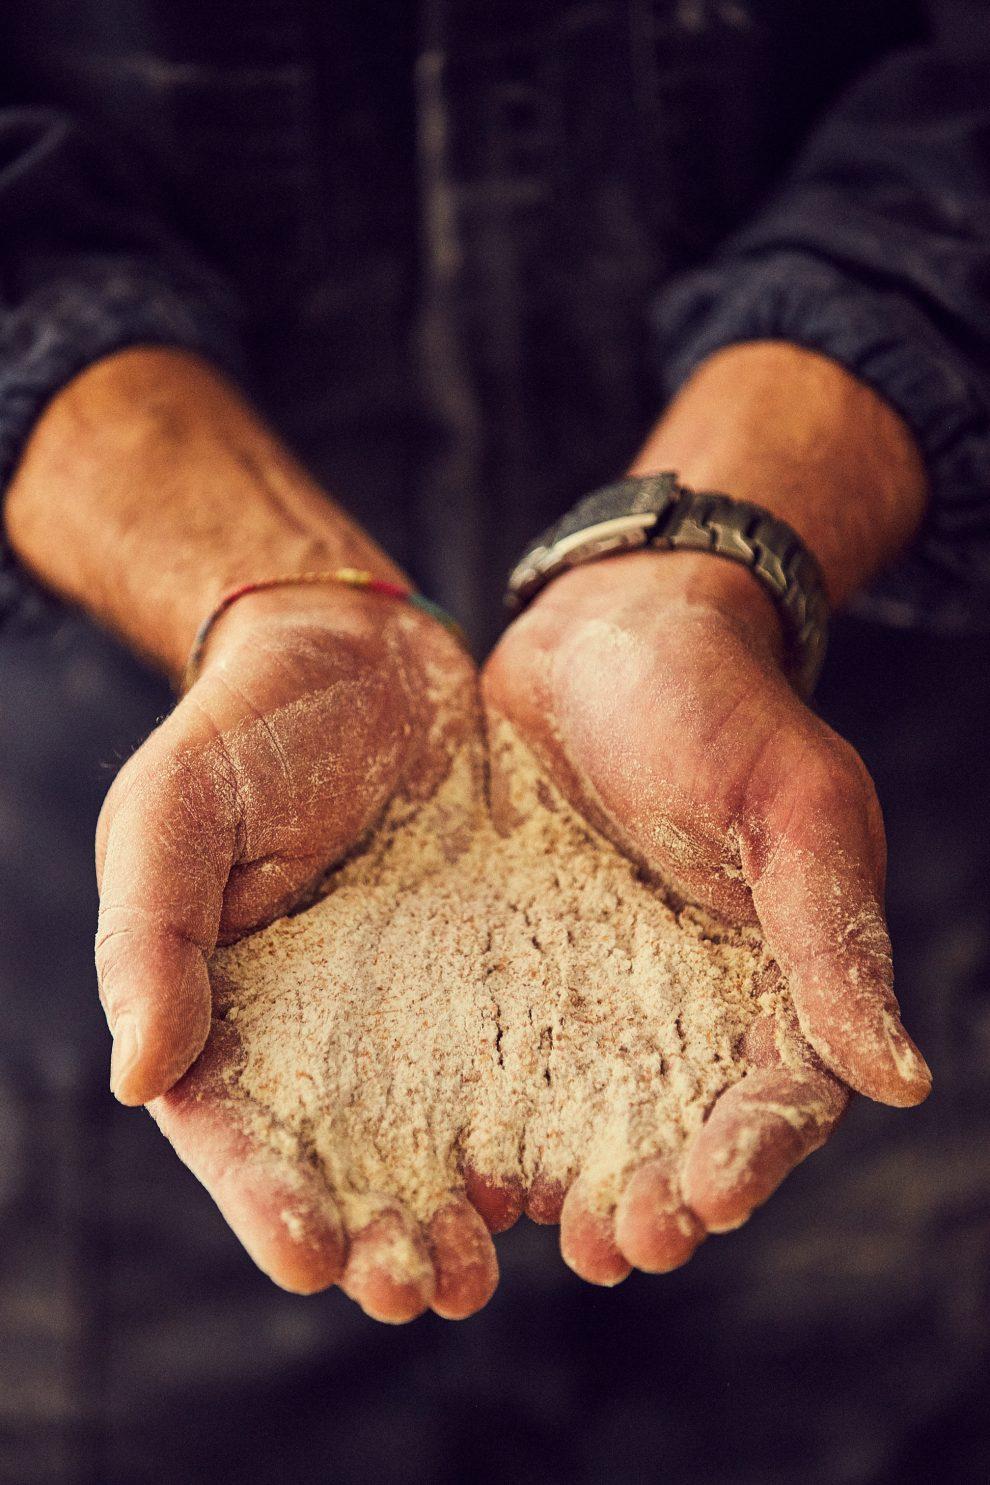 Bisogna stare molto attenti durante la macinatura. Ciò che accade quando appunto si setaccia la farina è che si rompa uno dei vagli, e che nella farina si formino le puntinature, per cui il controllo deve essere frequente!